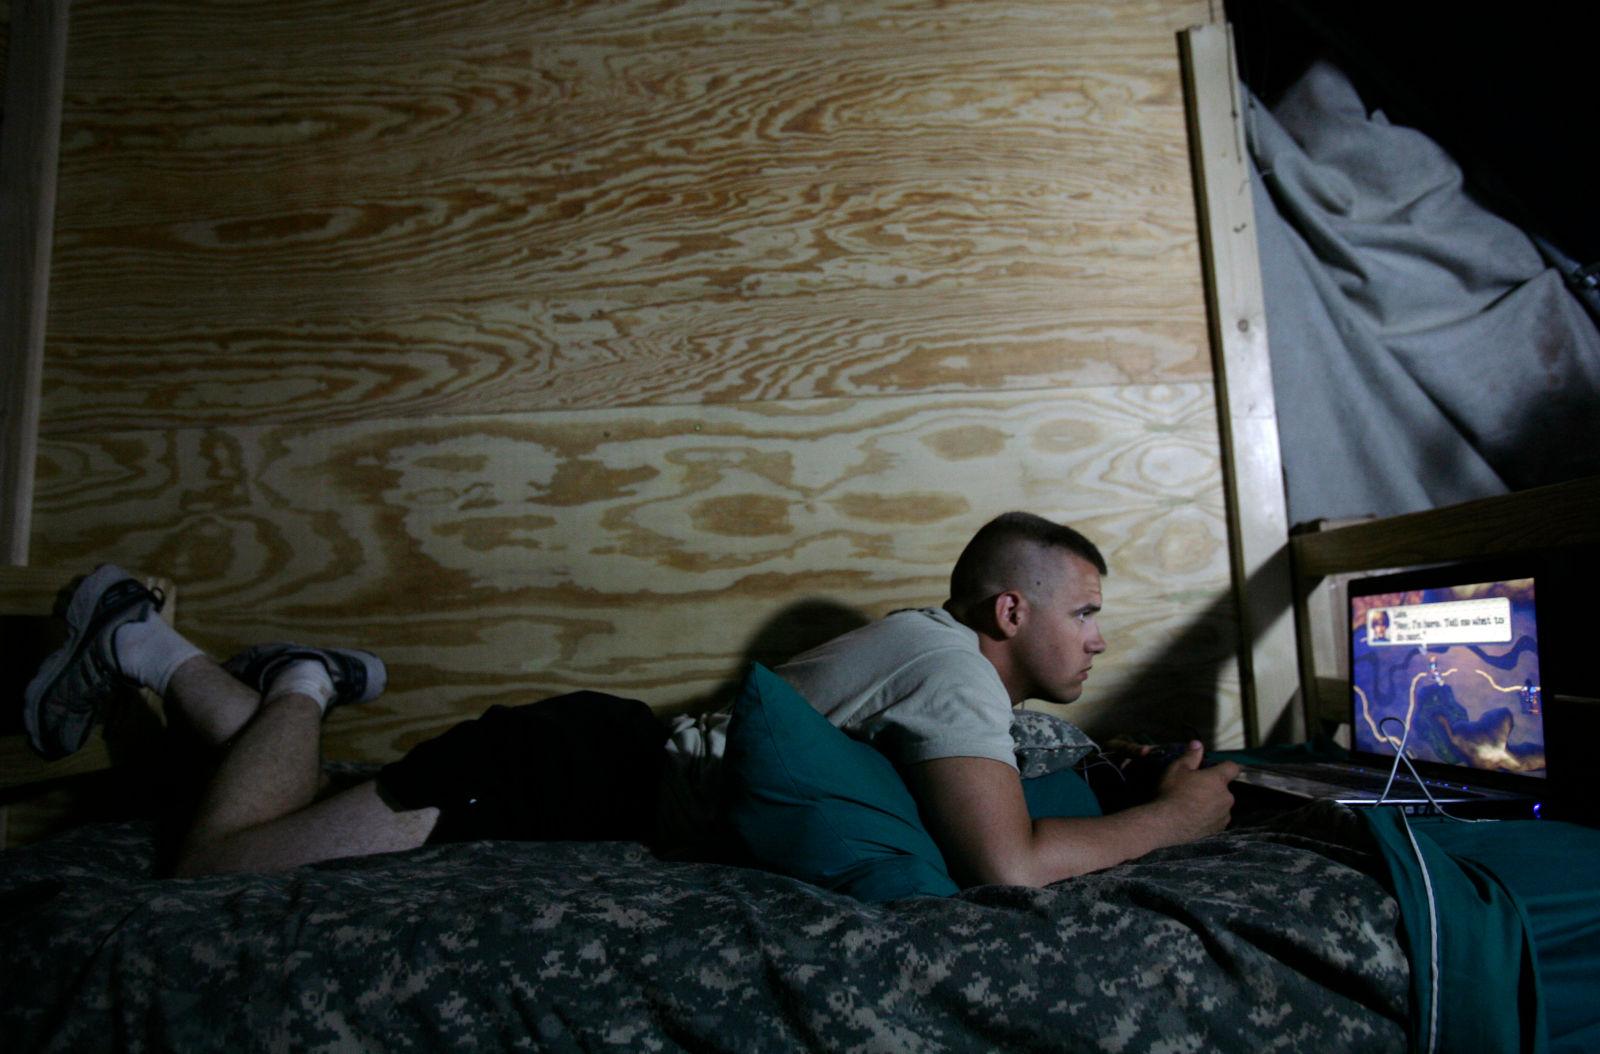 ABD Ordusu, Oyuncuları Oyunla Orduya Çekiyor